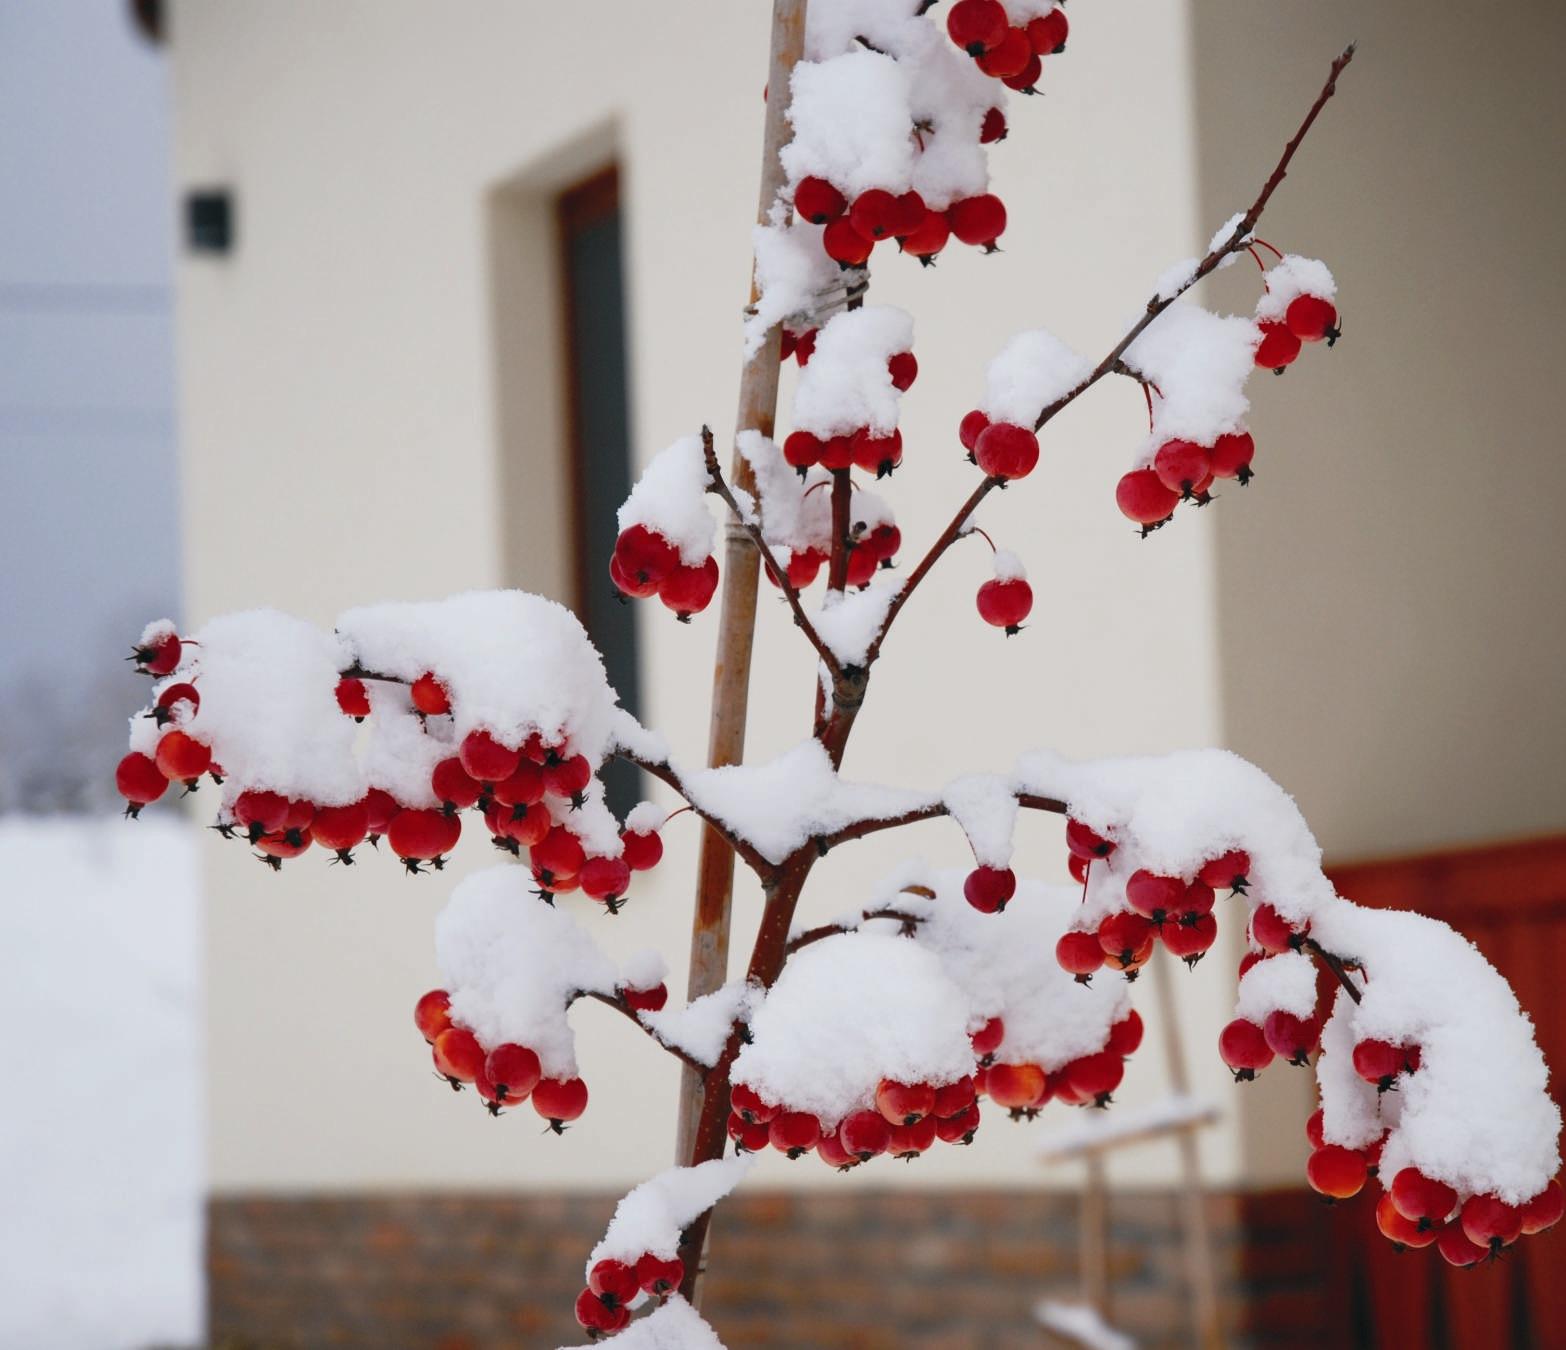 Valljuk be, a tél nem mindig ennyire gyönyörű...